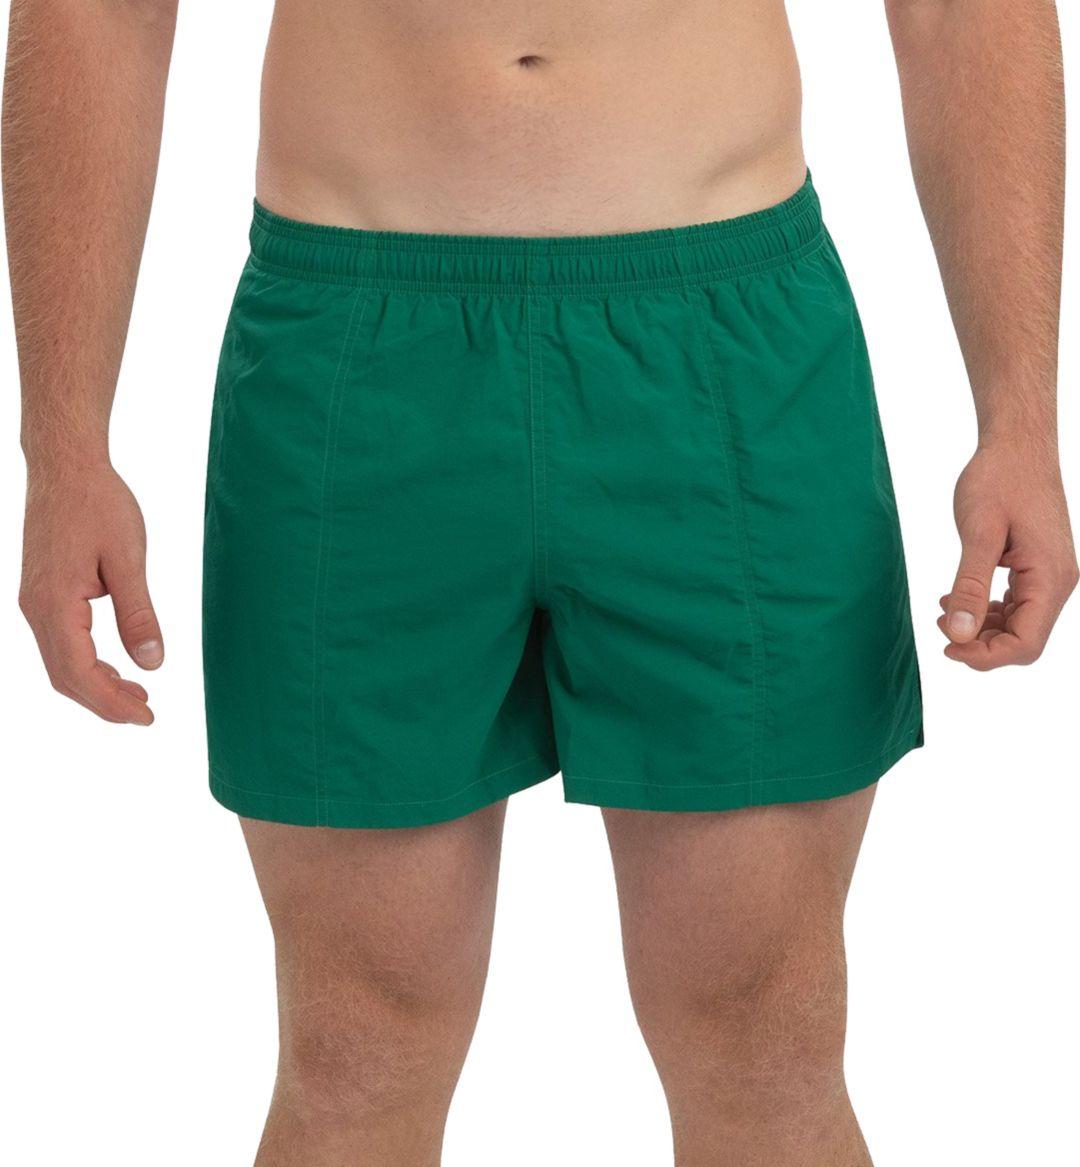 cae4079b75 Dolfin Men's Water Shorts | DICK'S Sporting Goods